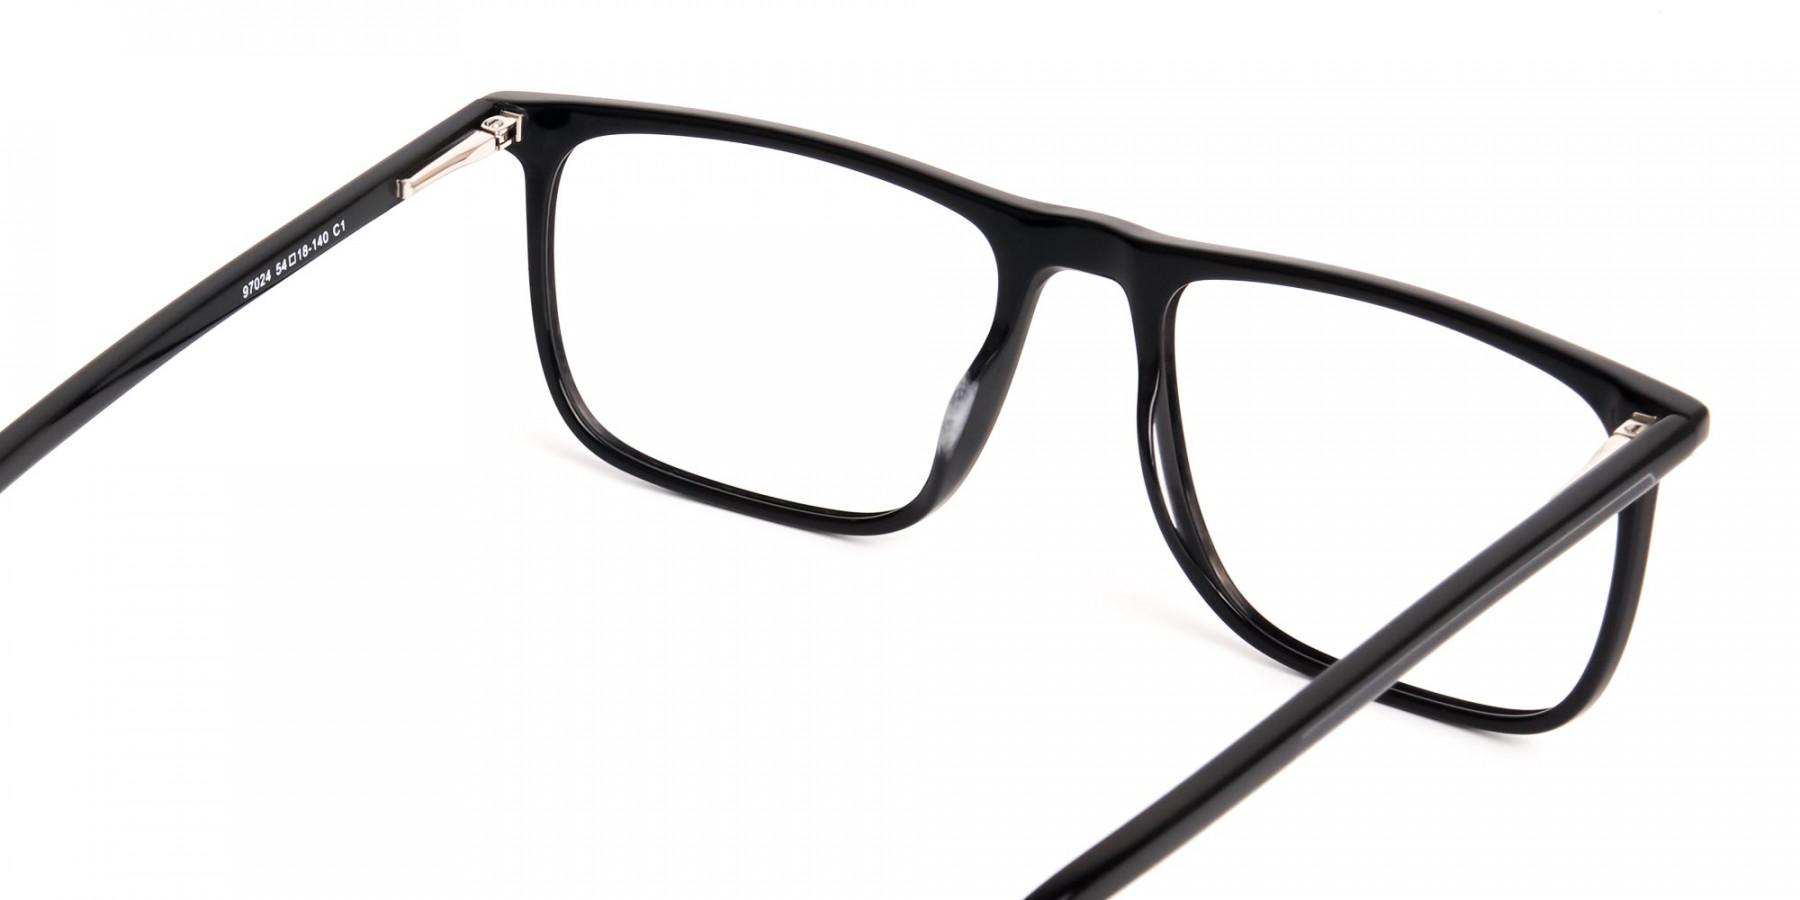 simple-black-rectangular-glasses-frames-1